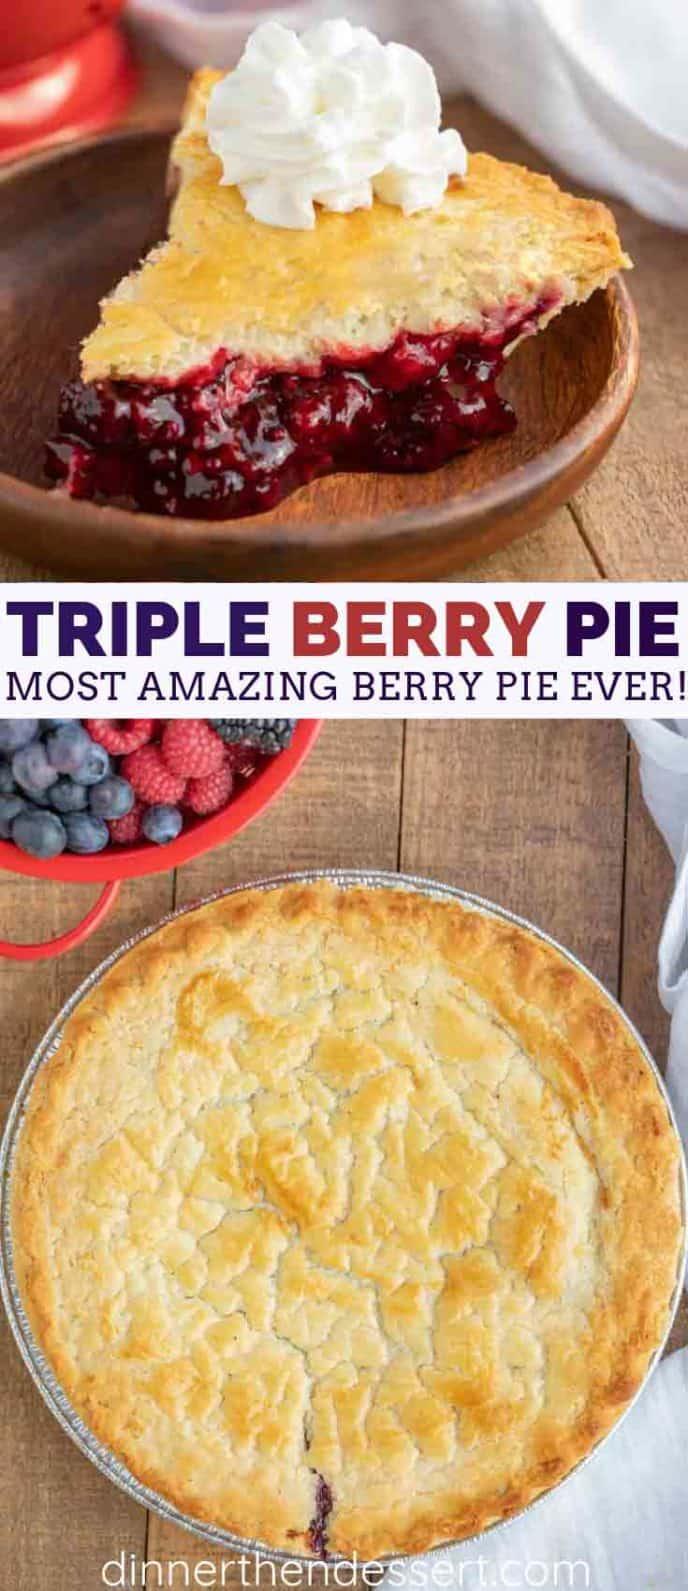 Triple Berry Pie with Raspberries, Blackberries, and Blueberries